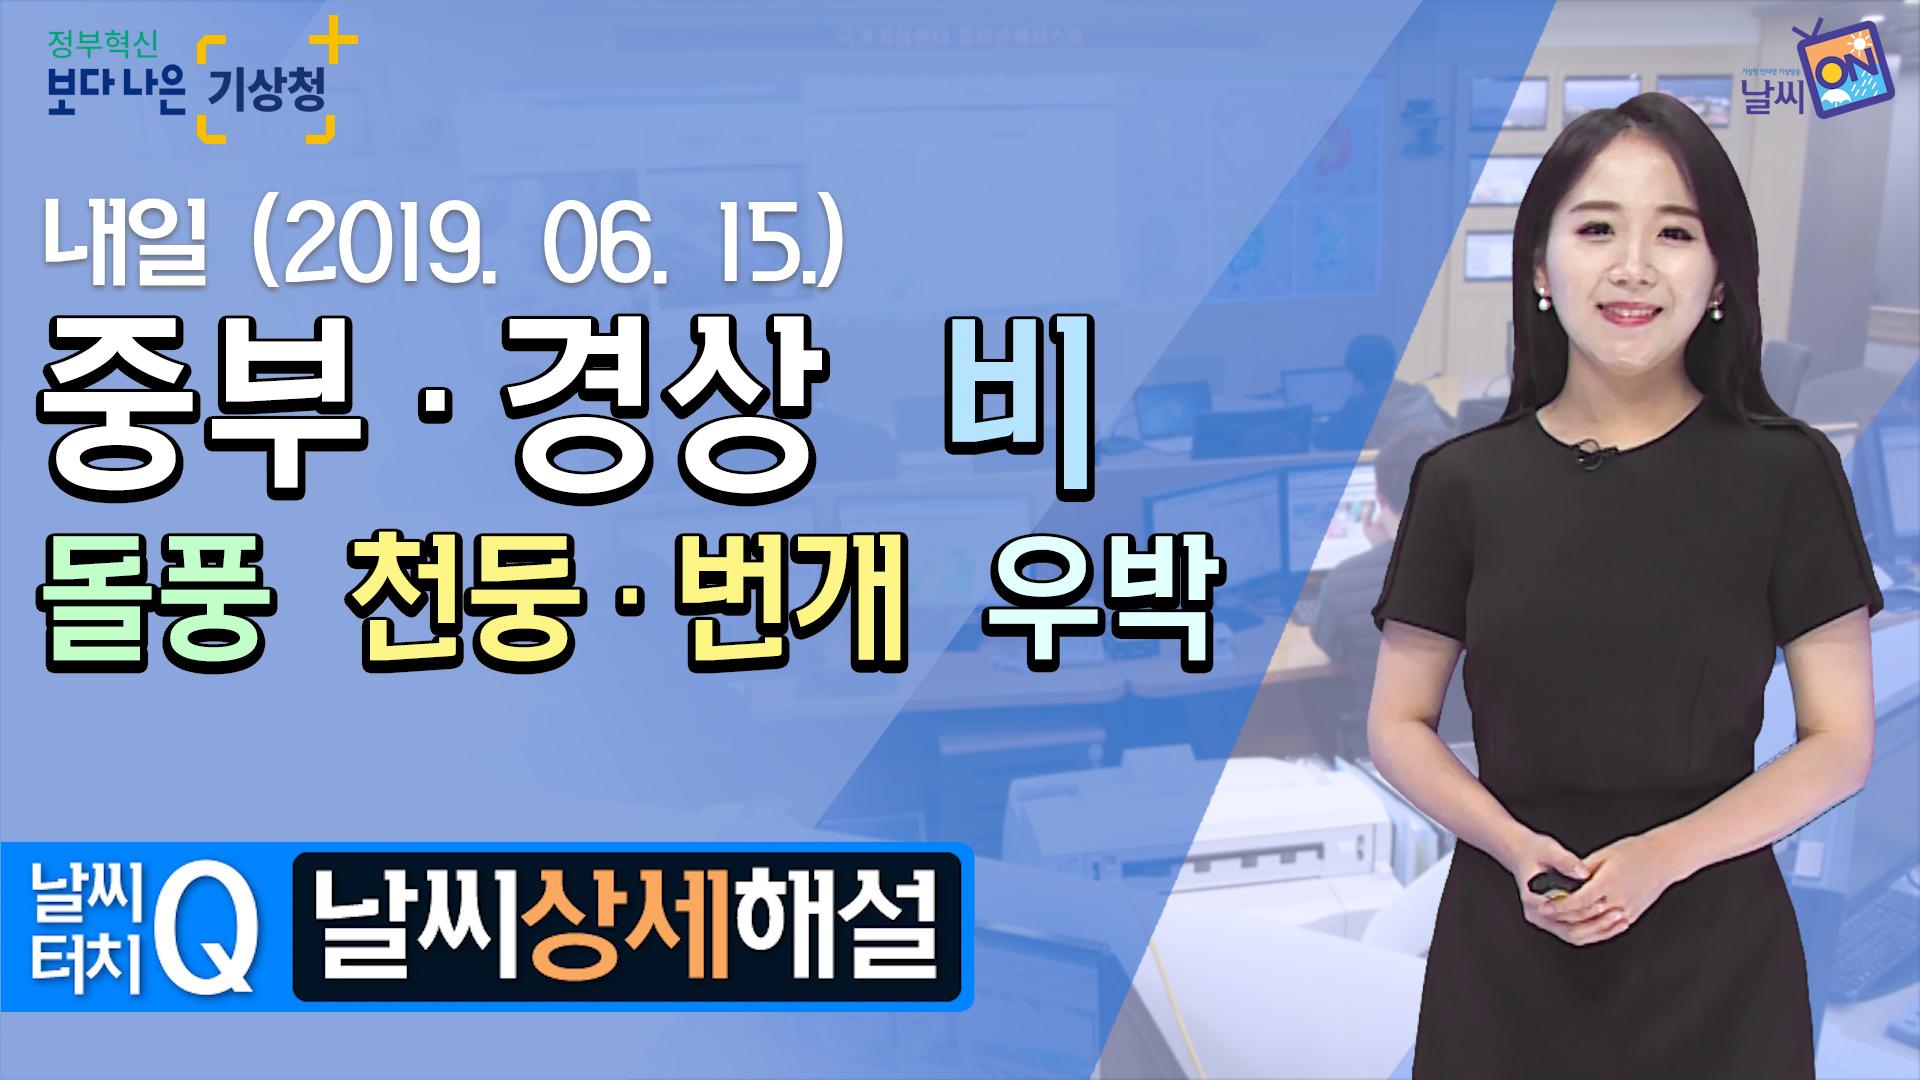 [19시] 6월 15일(토) 중부·경상 비, 돌풍 천둥·번개 우박